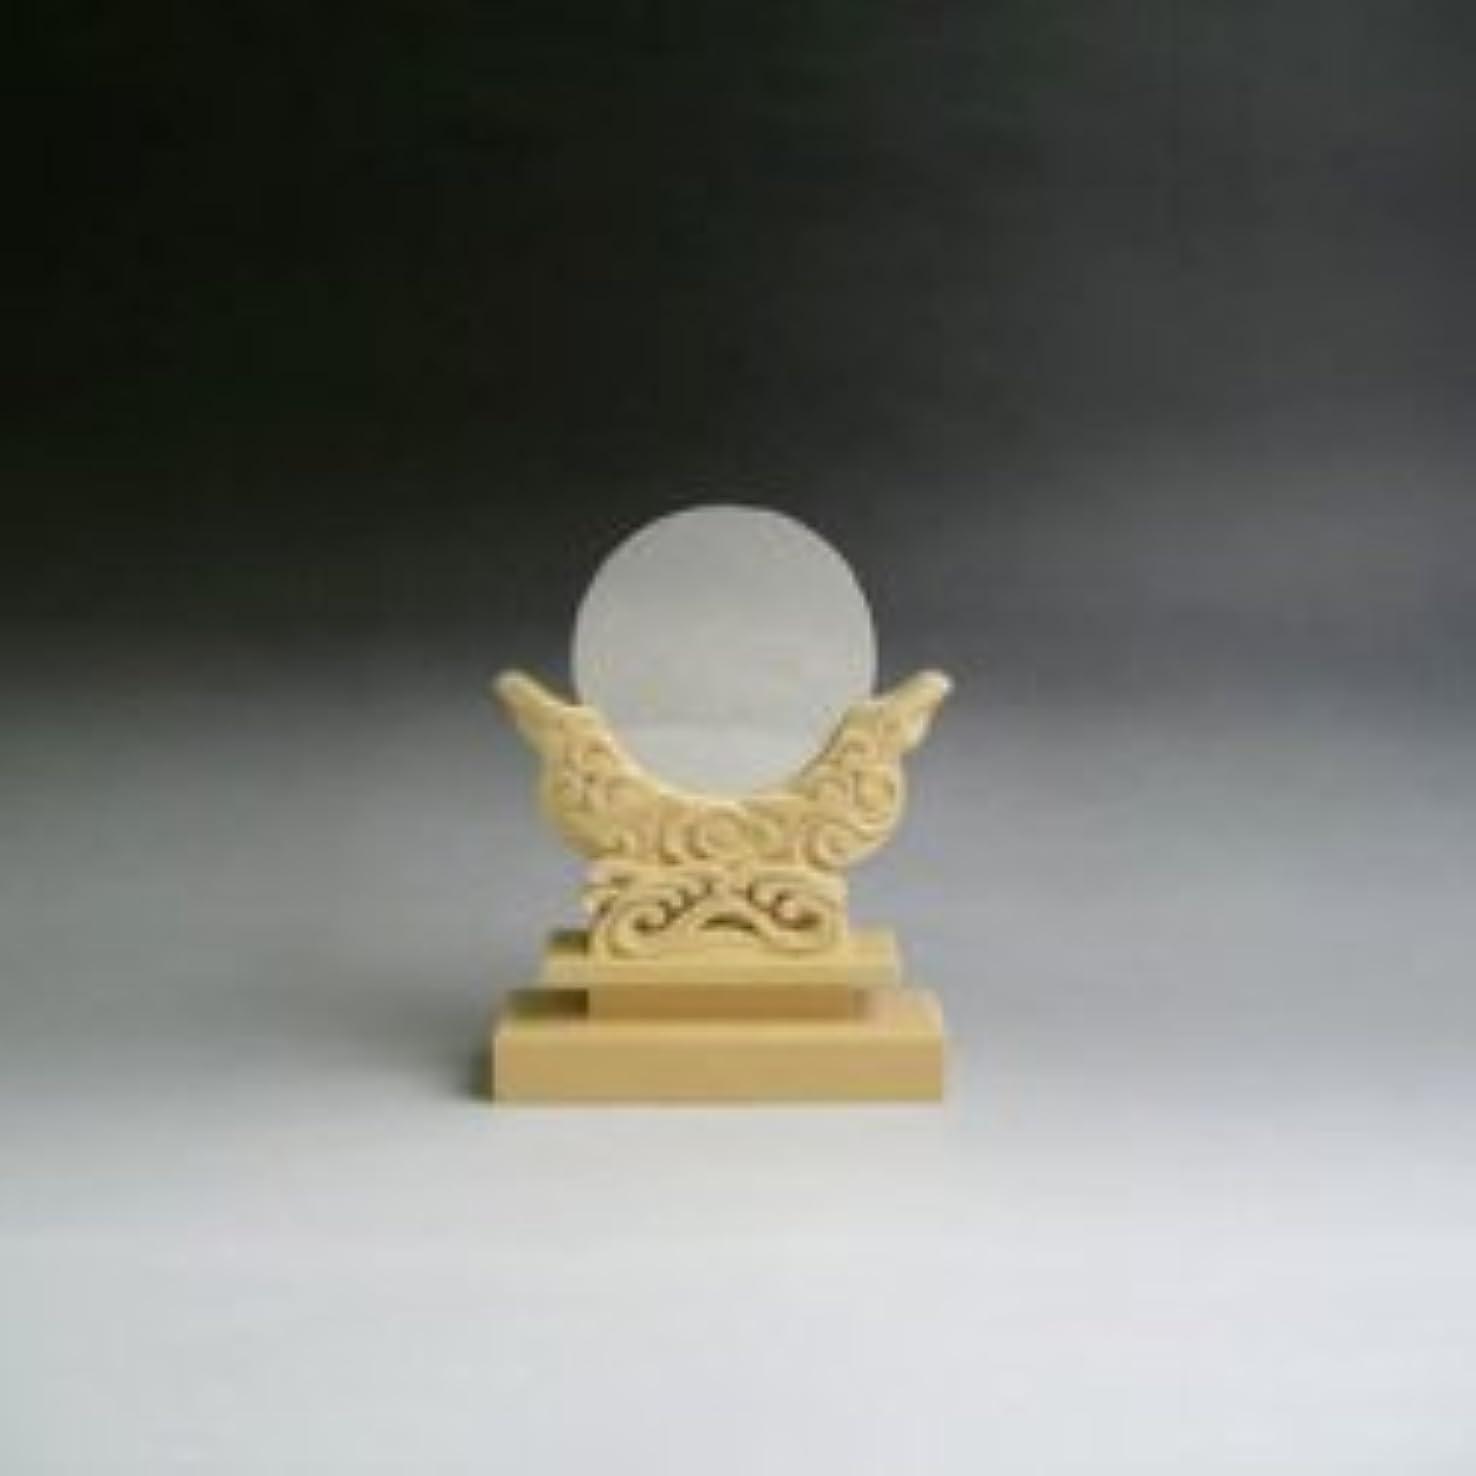 オーケストラ気晴らし断片神鏡 特上鏡+特上彫り雲形台 5寸